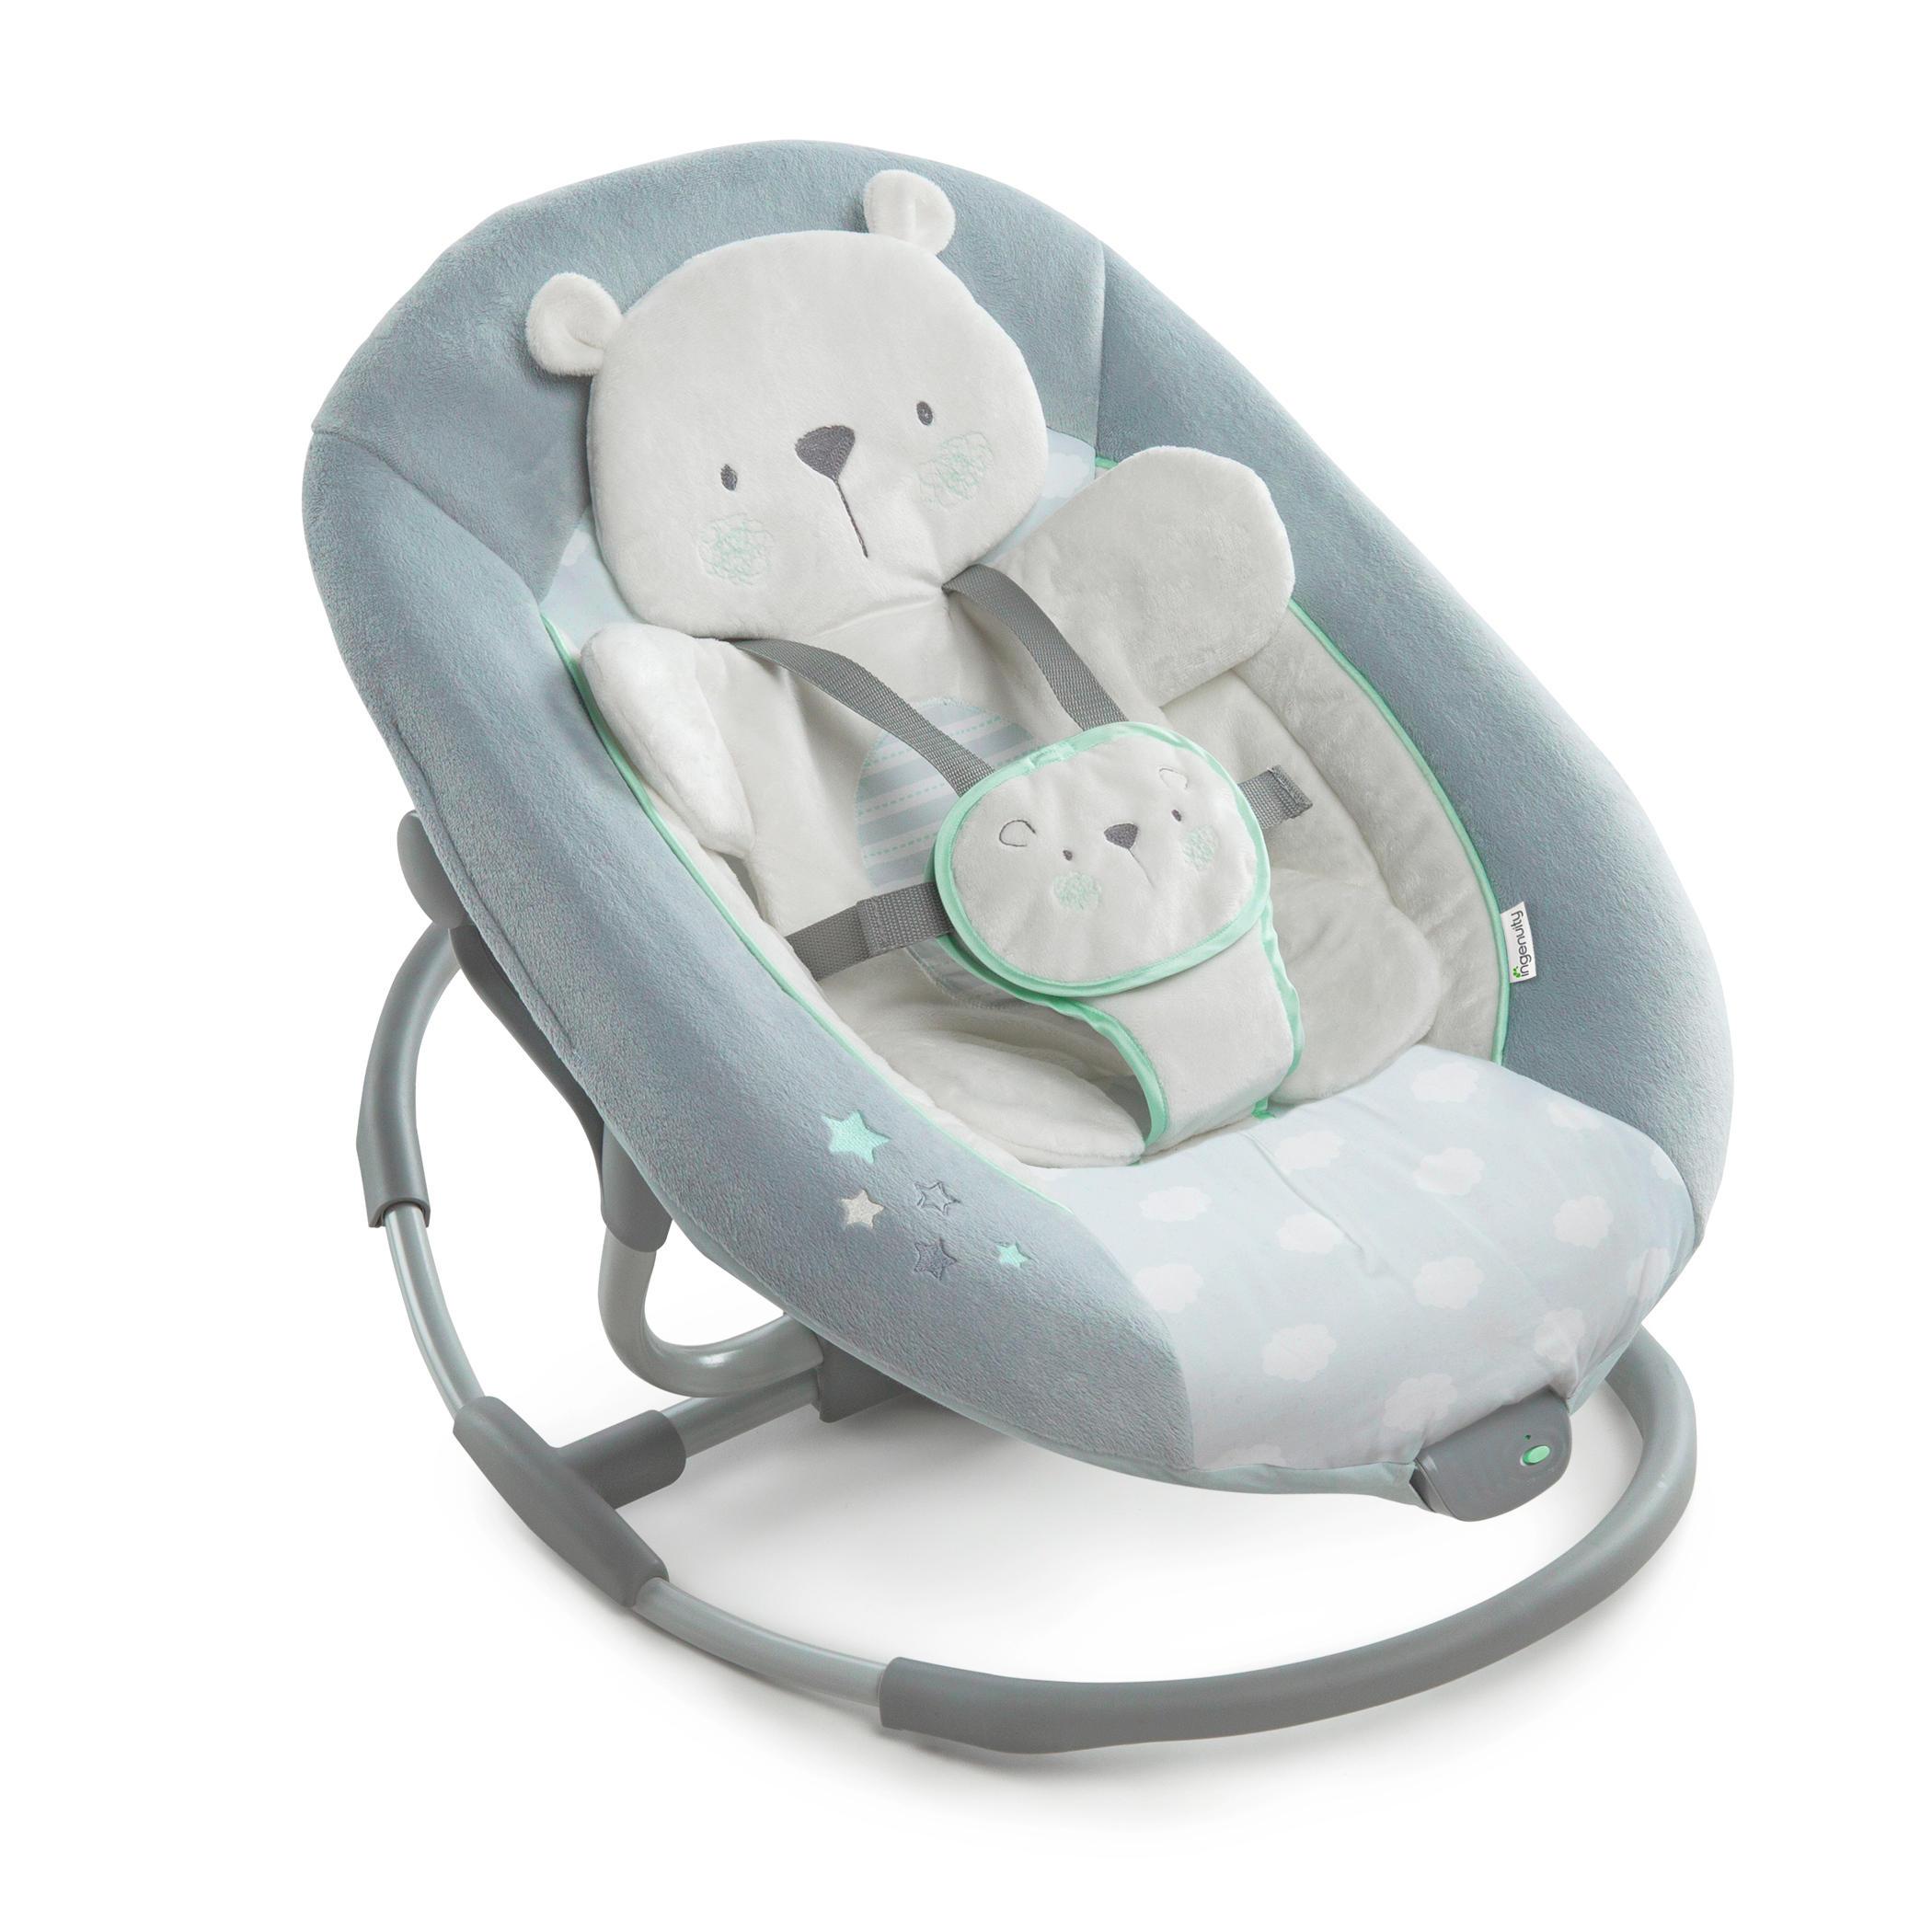 Cradling Swing & Rocker™ – Twinkle Twinkle Teddy Bear™